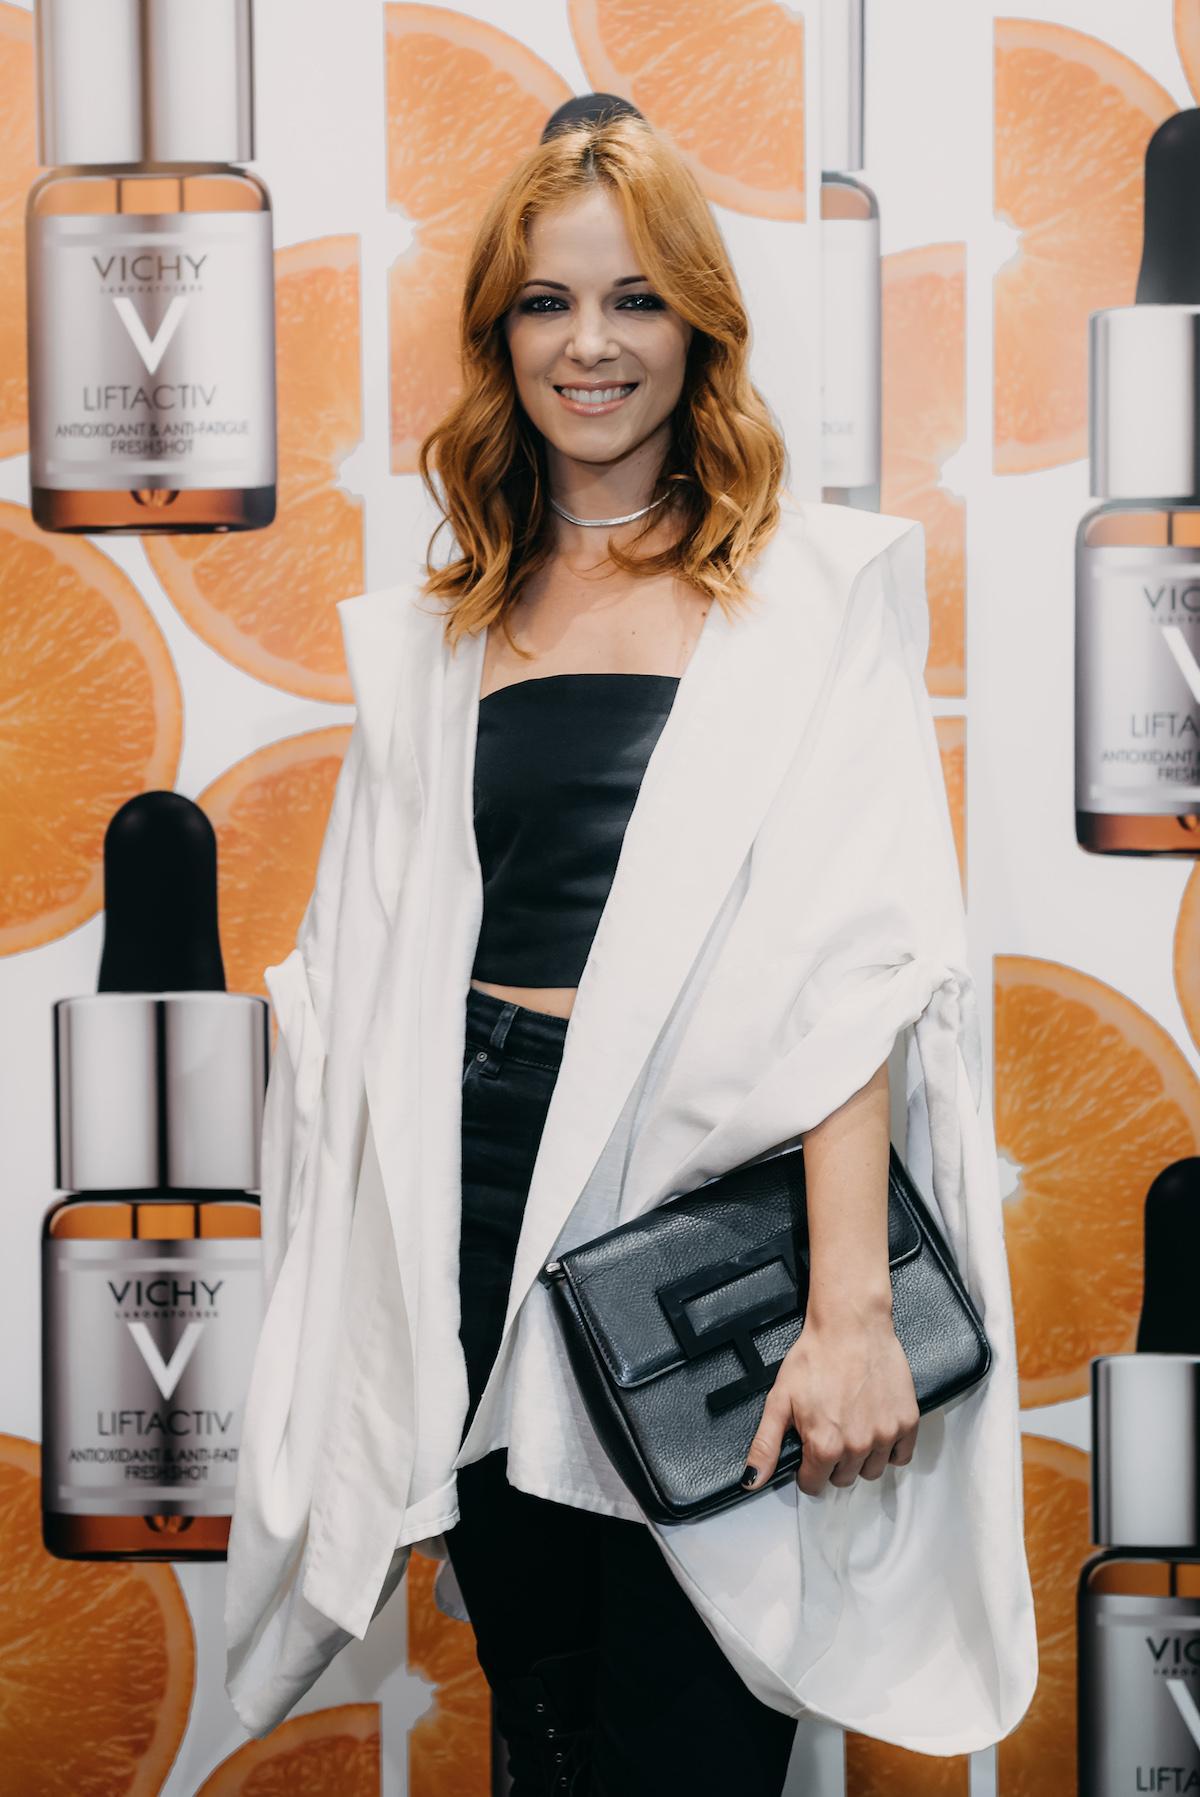 Nina Puslar Susnyara Vichy vitamin C Liftactiv Fresh Beautyfullblog